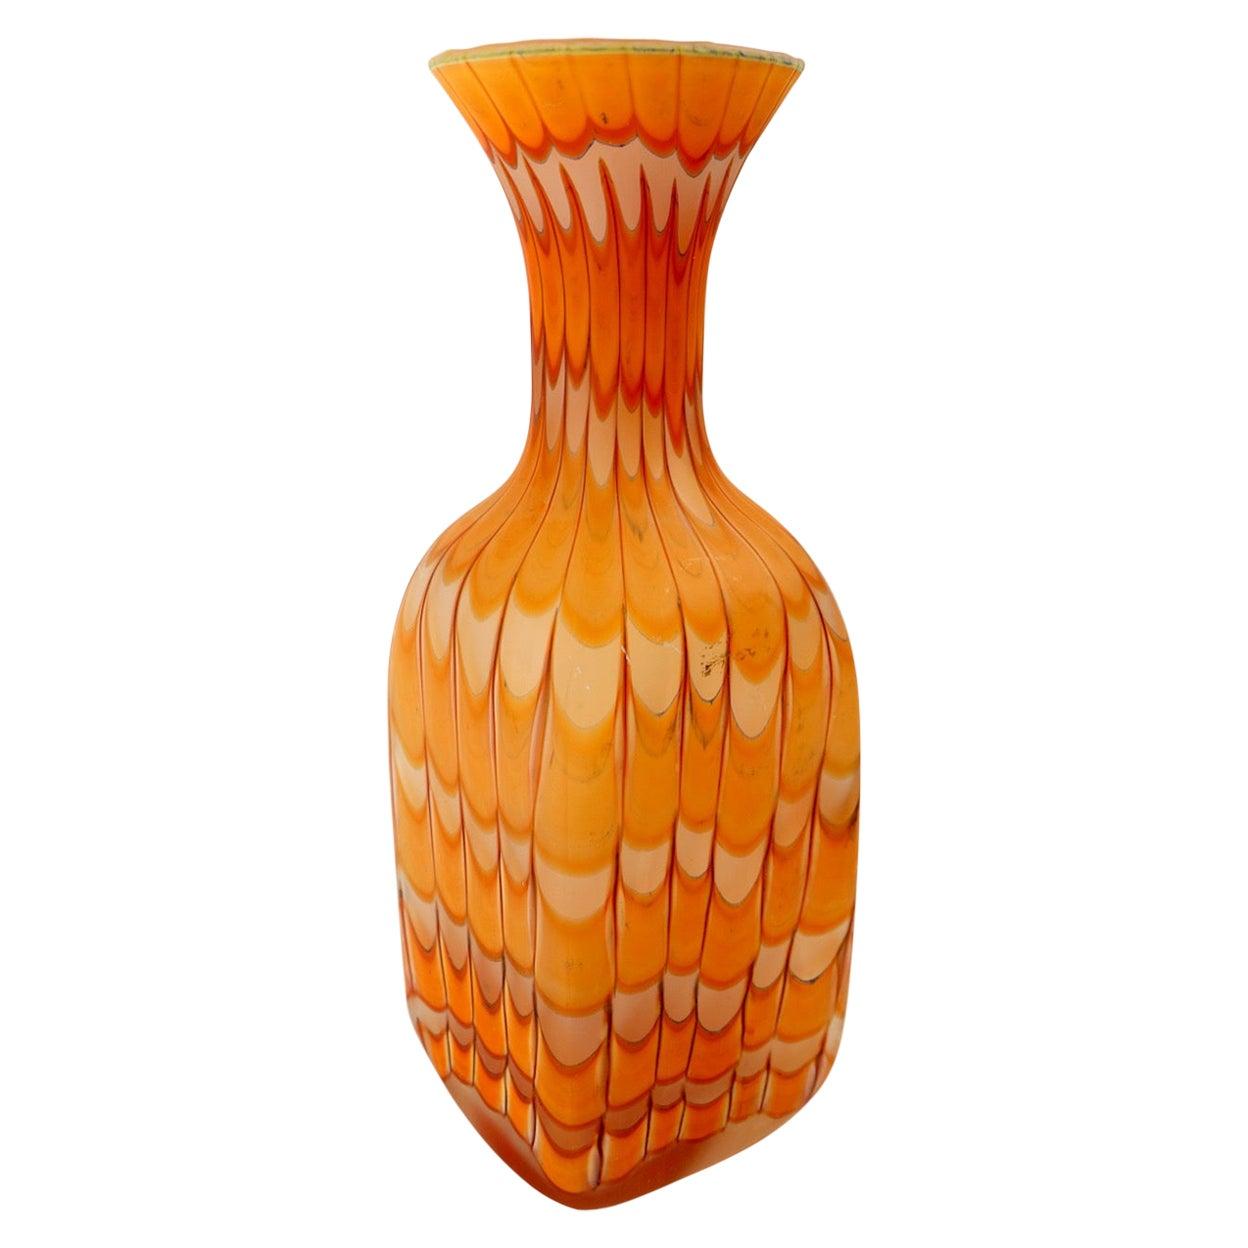 Murano Art Glass Fenicio Vase by Fratelli Toso